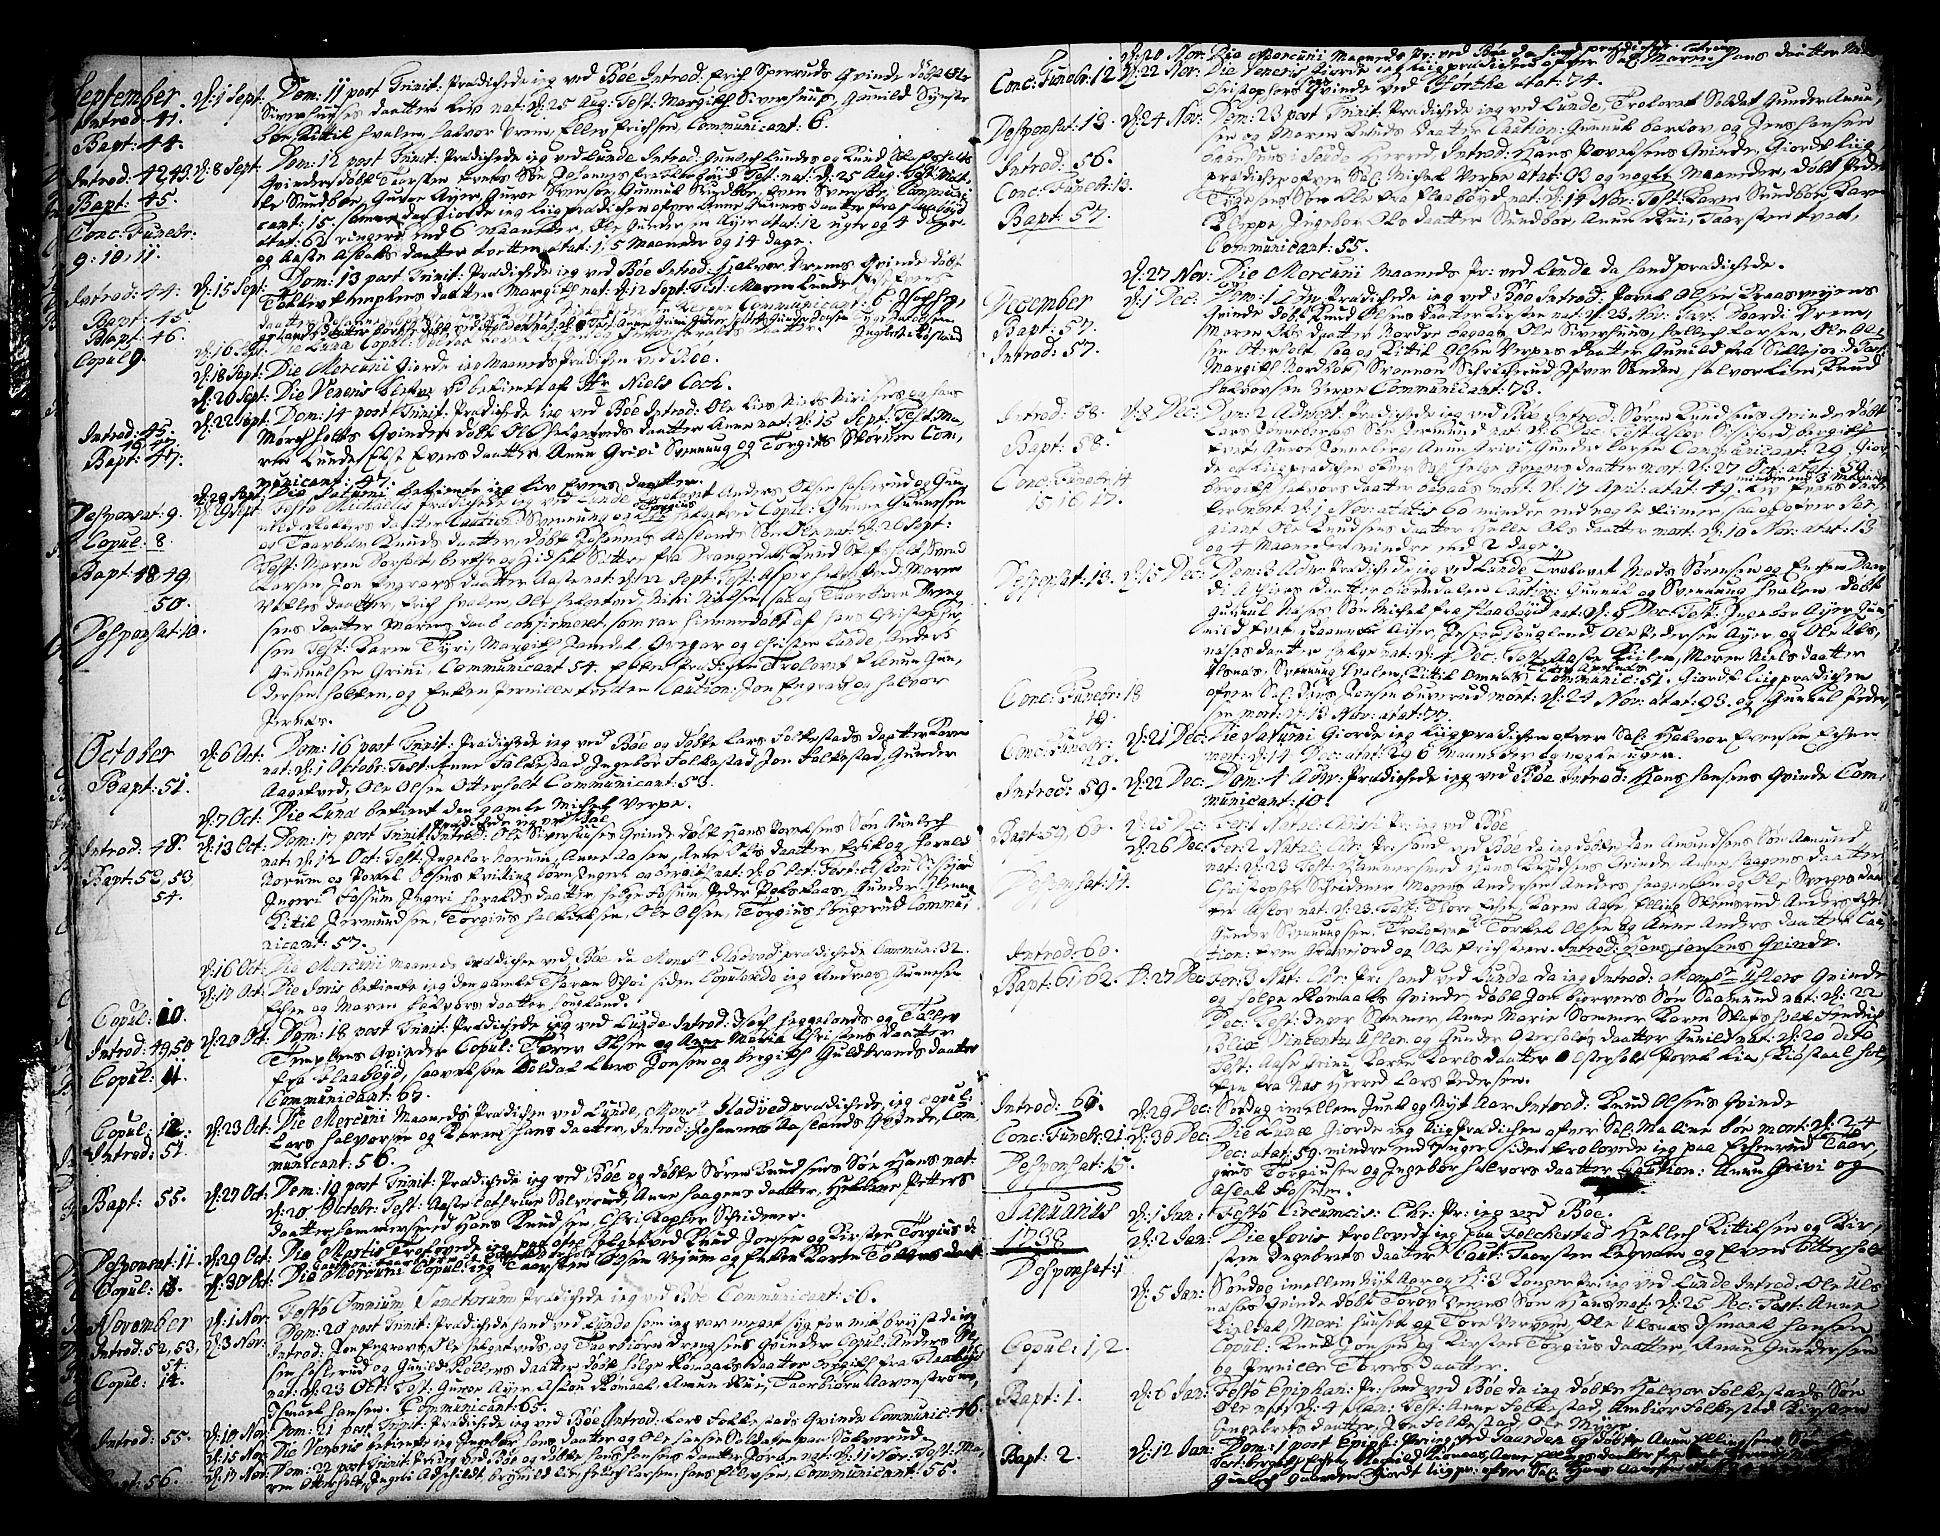 SAKO, Bø kirkebøker, F/Fa/L0003: Ministerialbok nr. 3, 1733-1748, s. 12